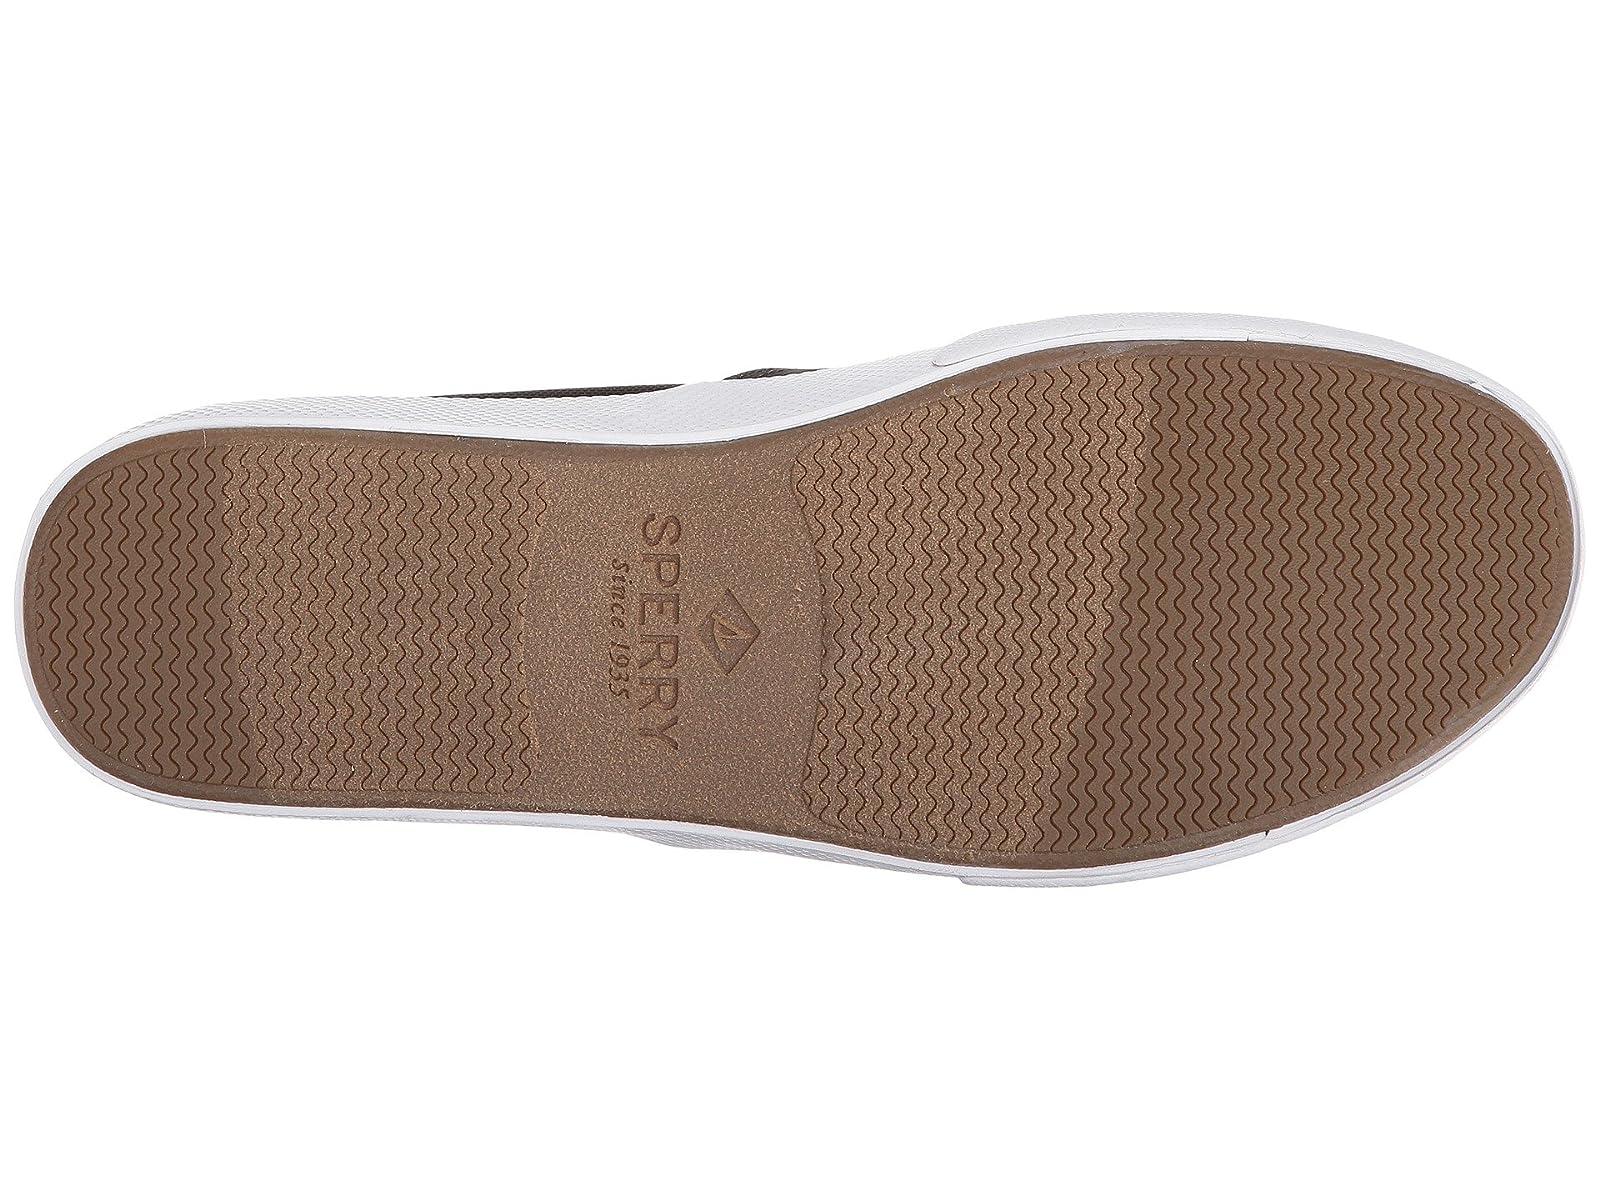 Sperry Striper Ii Slip On Sneaker 818f67 Cti Sepatu Anak Puma Import